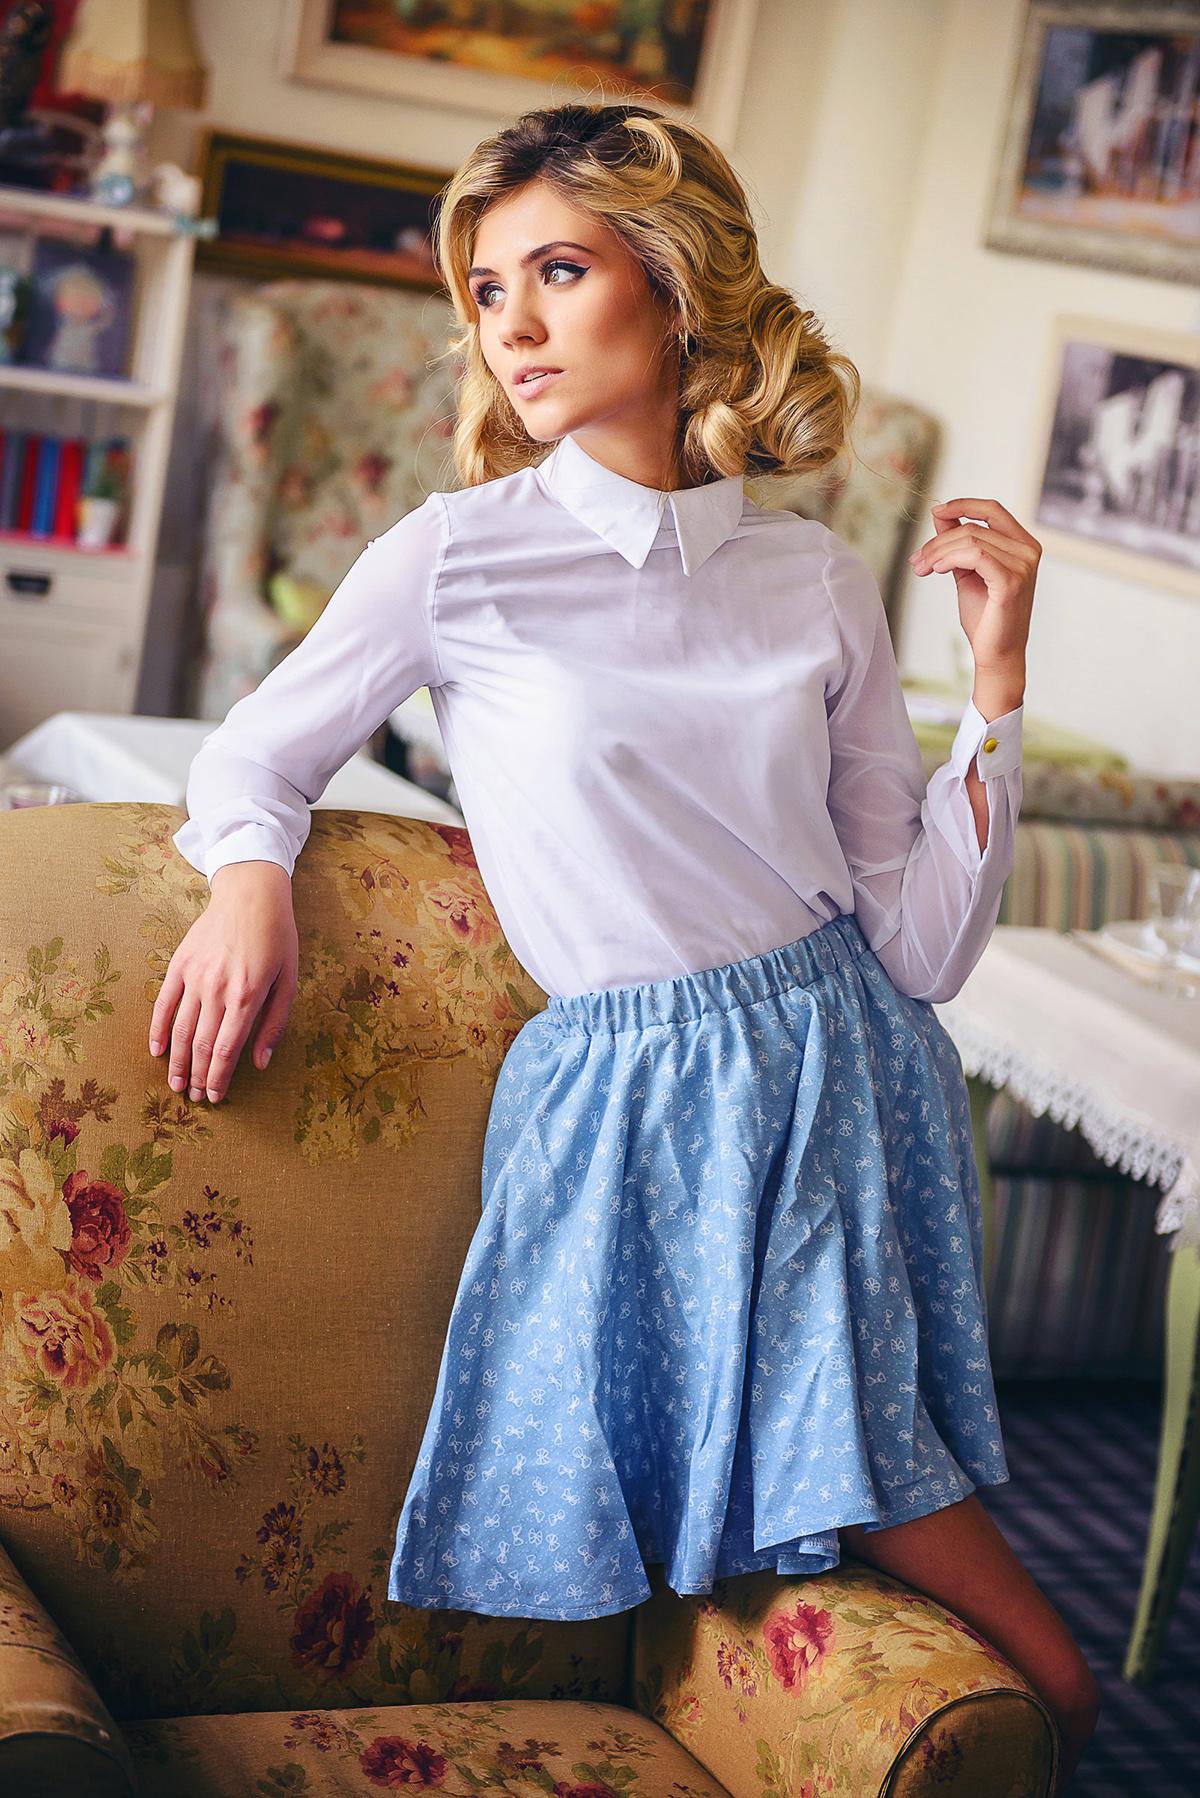 Как одеваться на фотосъемку в стиле прованс